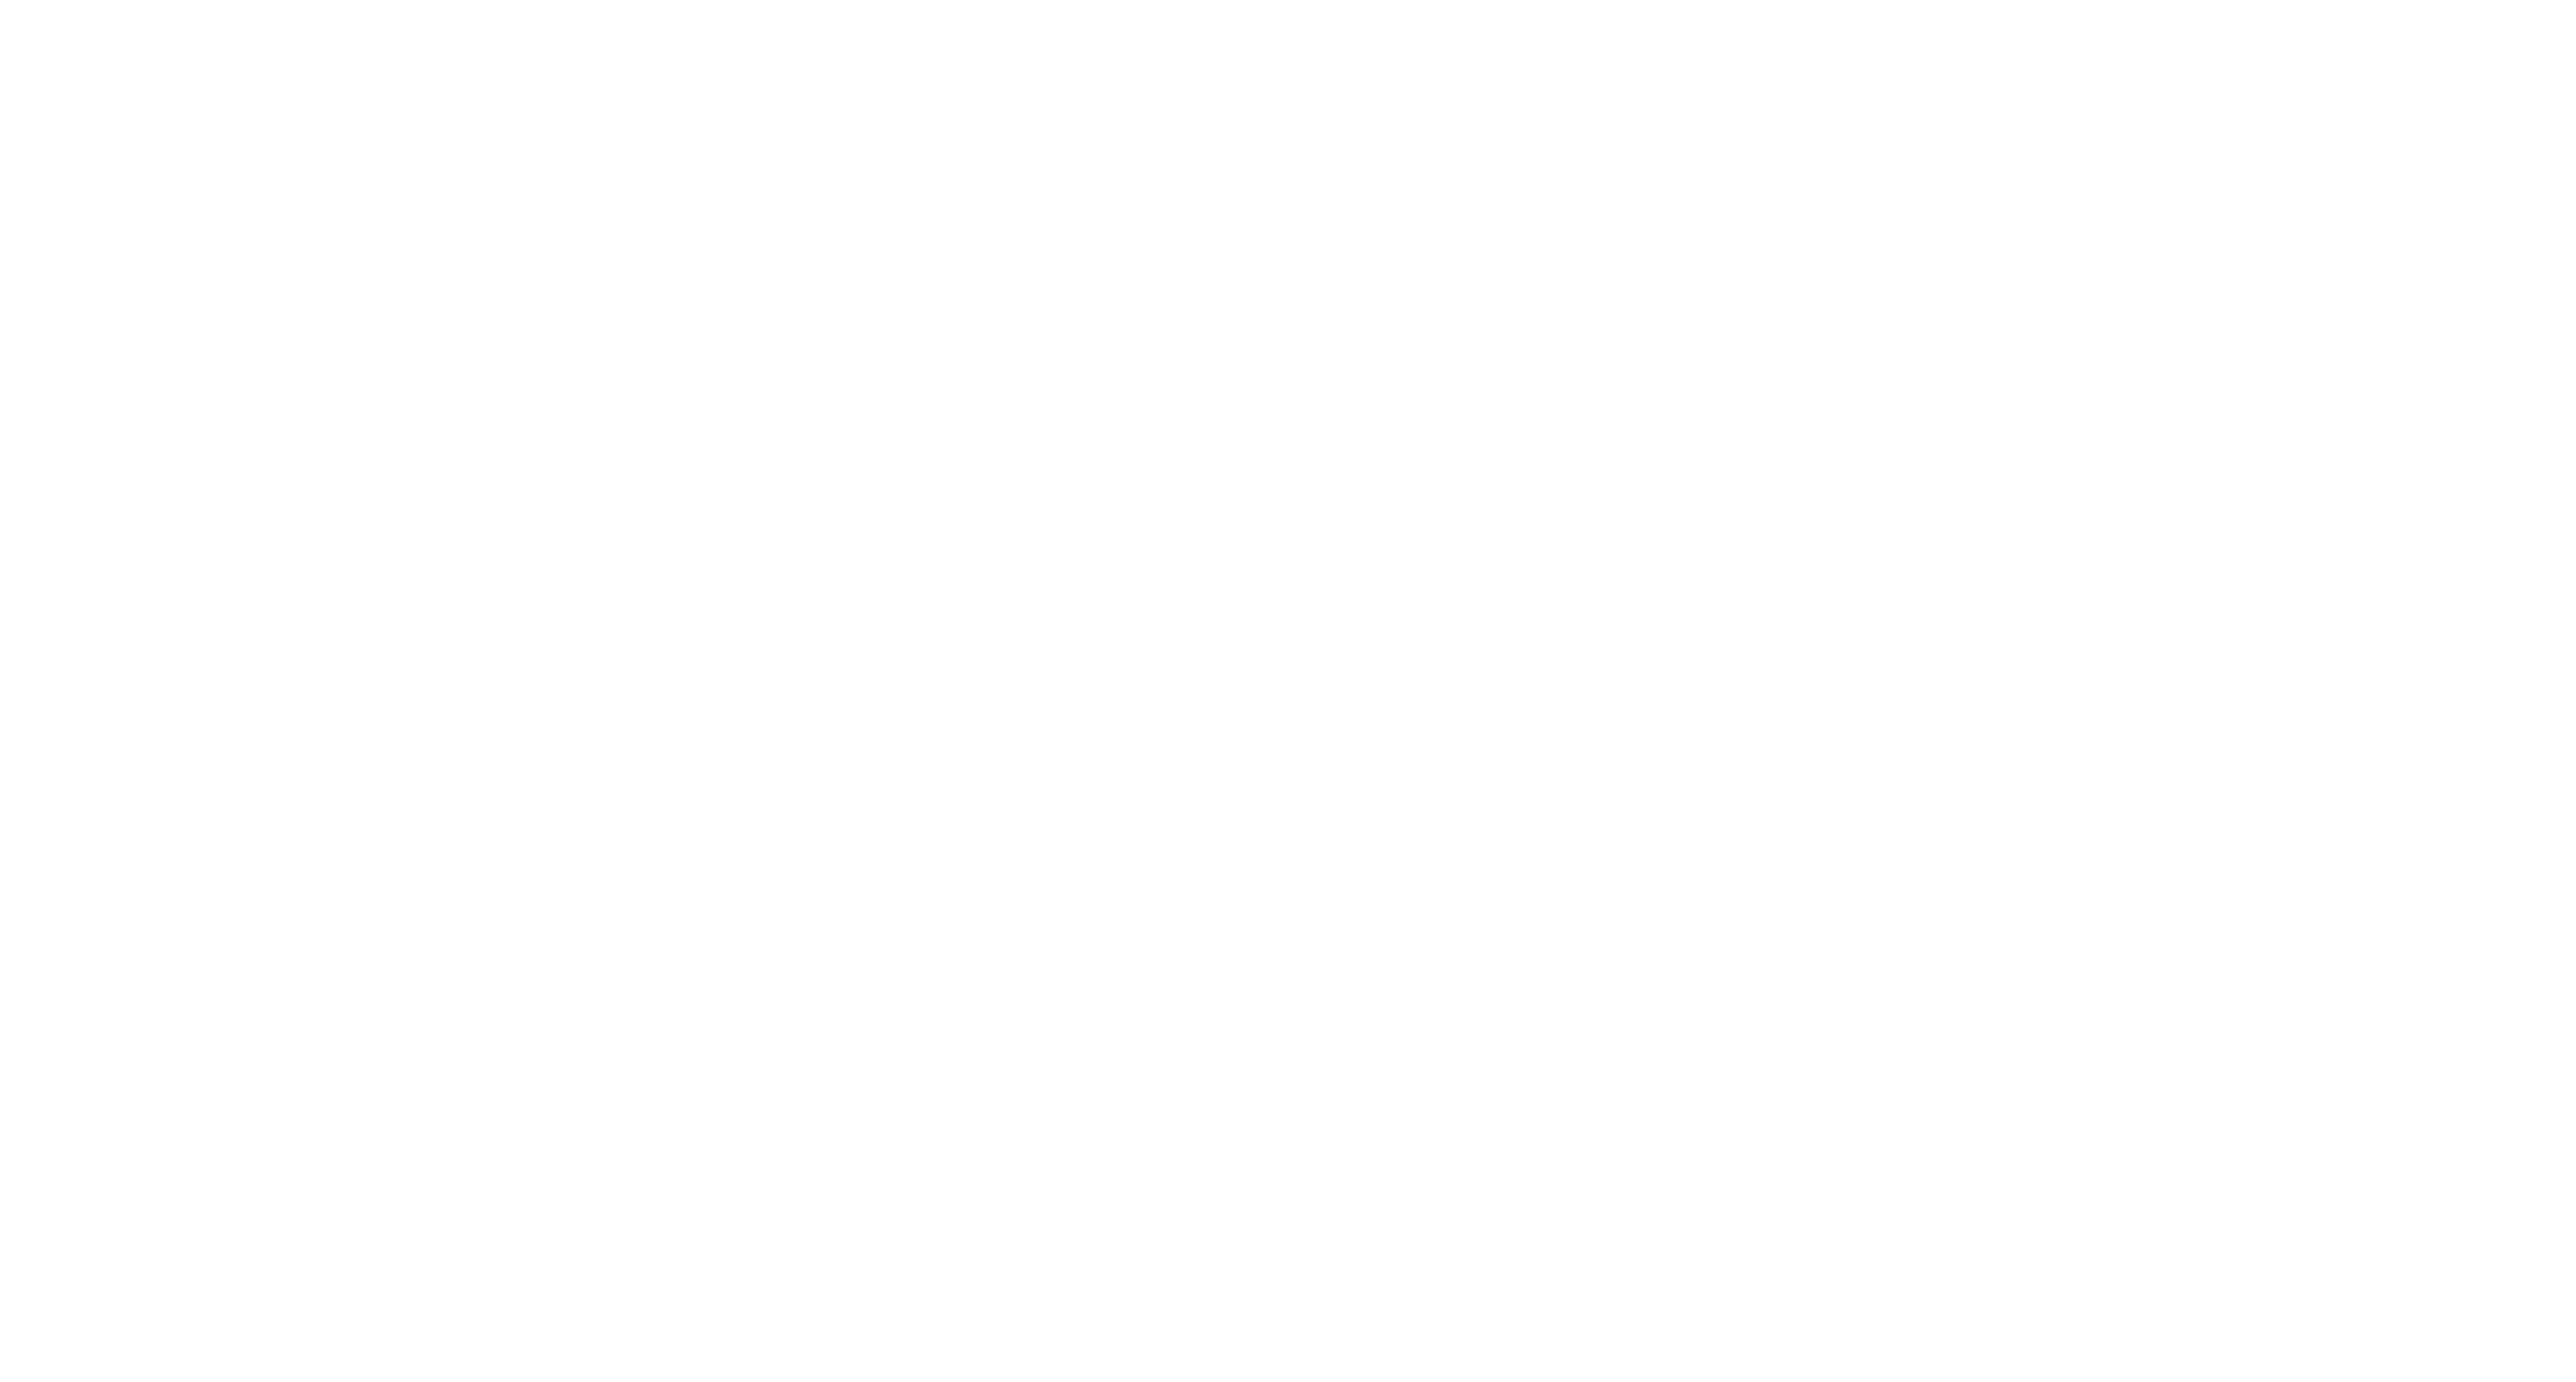 spark_logo_all_white-1